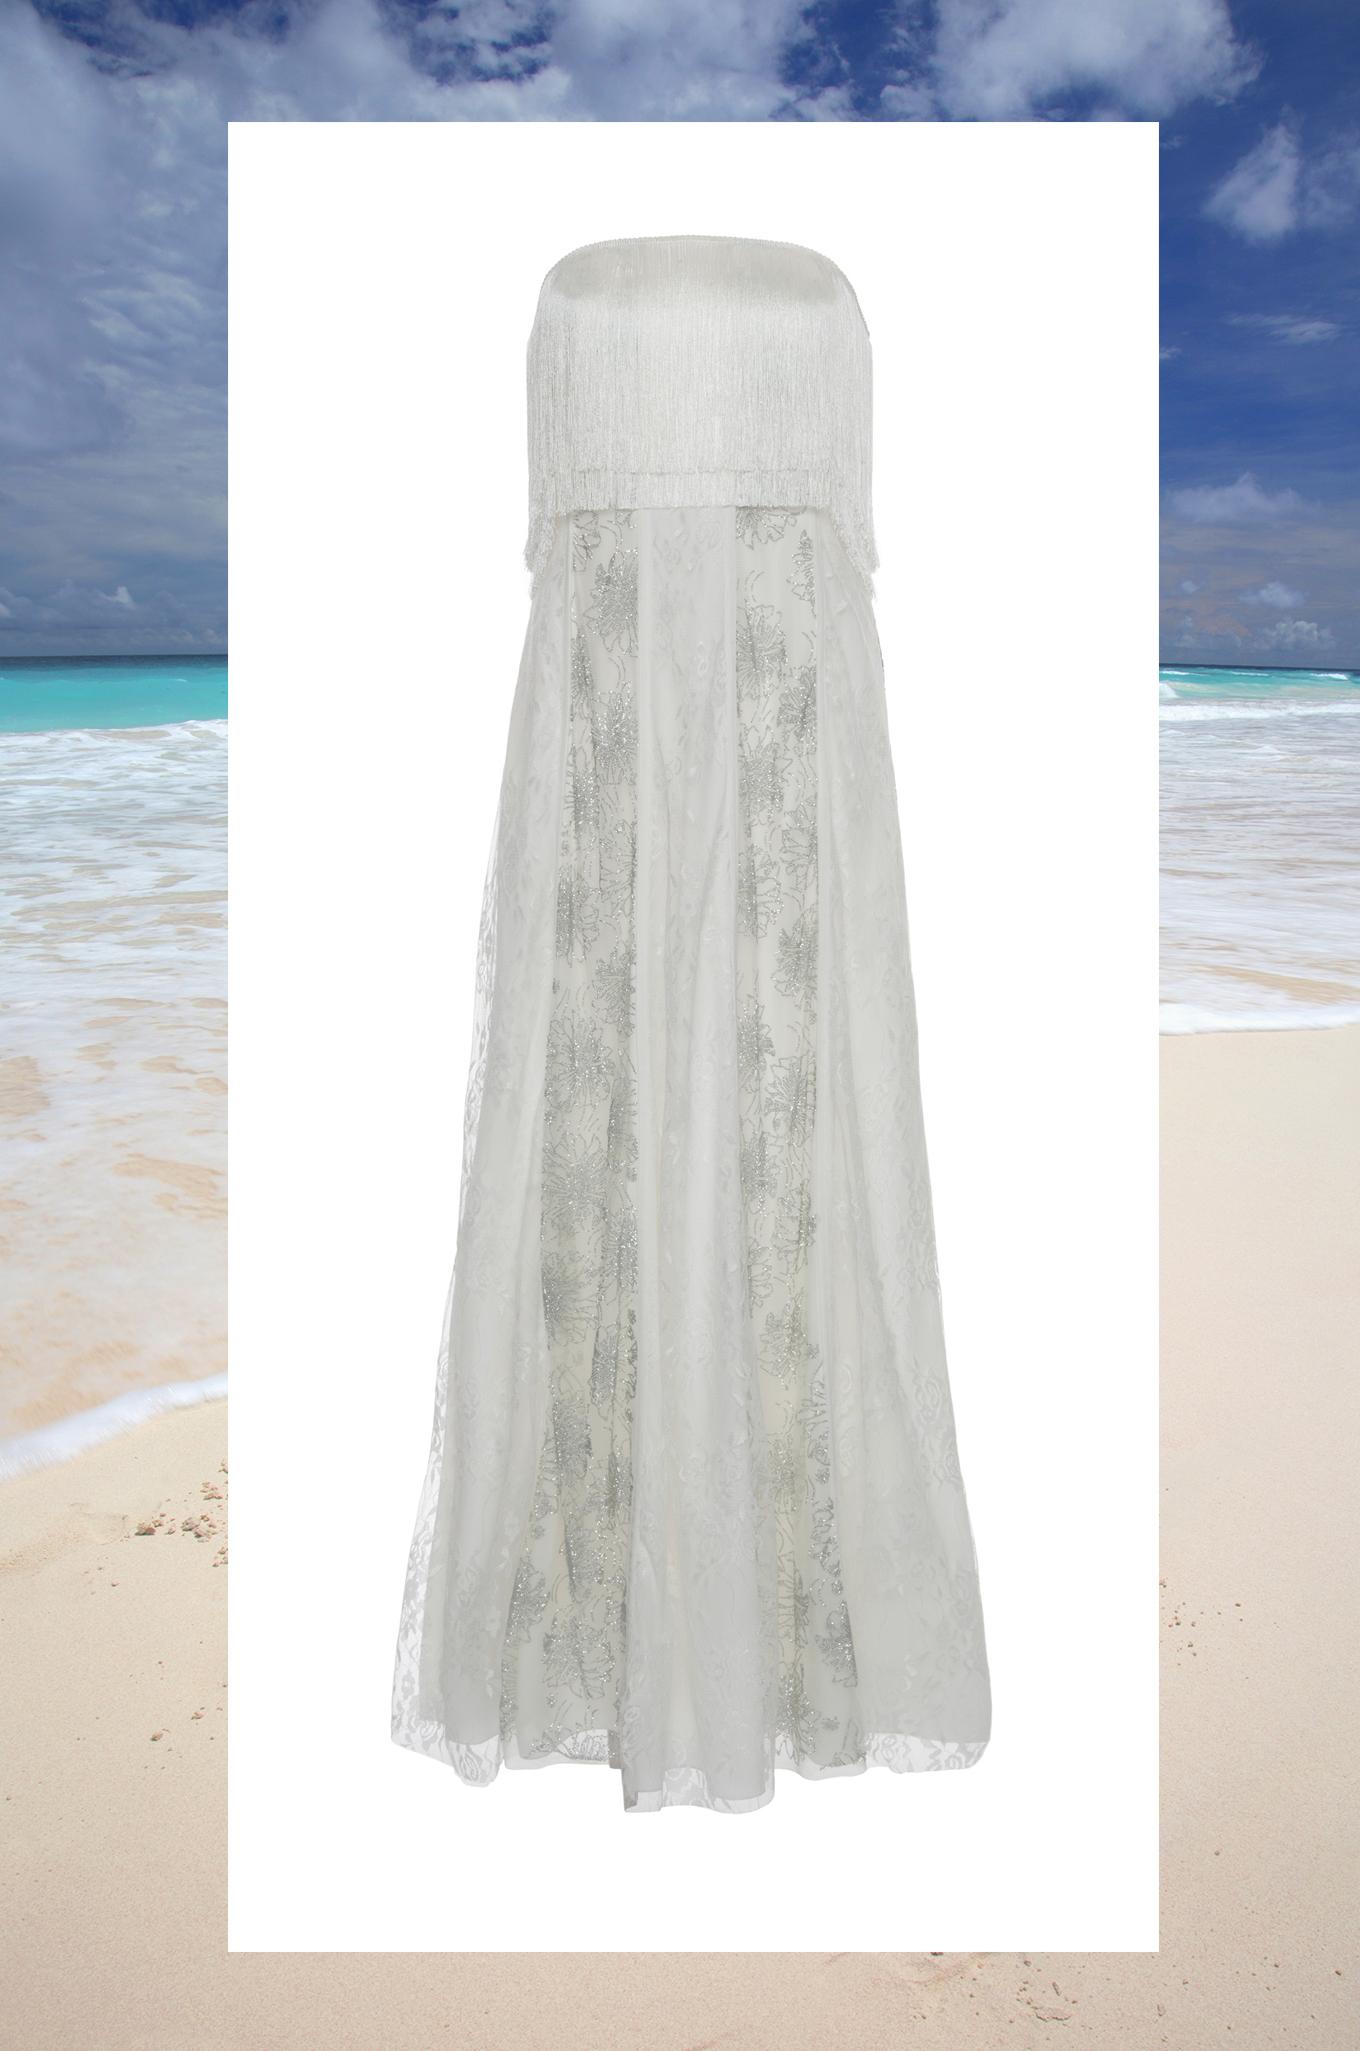 Matrimonio Spiaggia Abito : Matrimonio in spiaggia abiti da sposa per celebrare